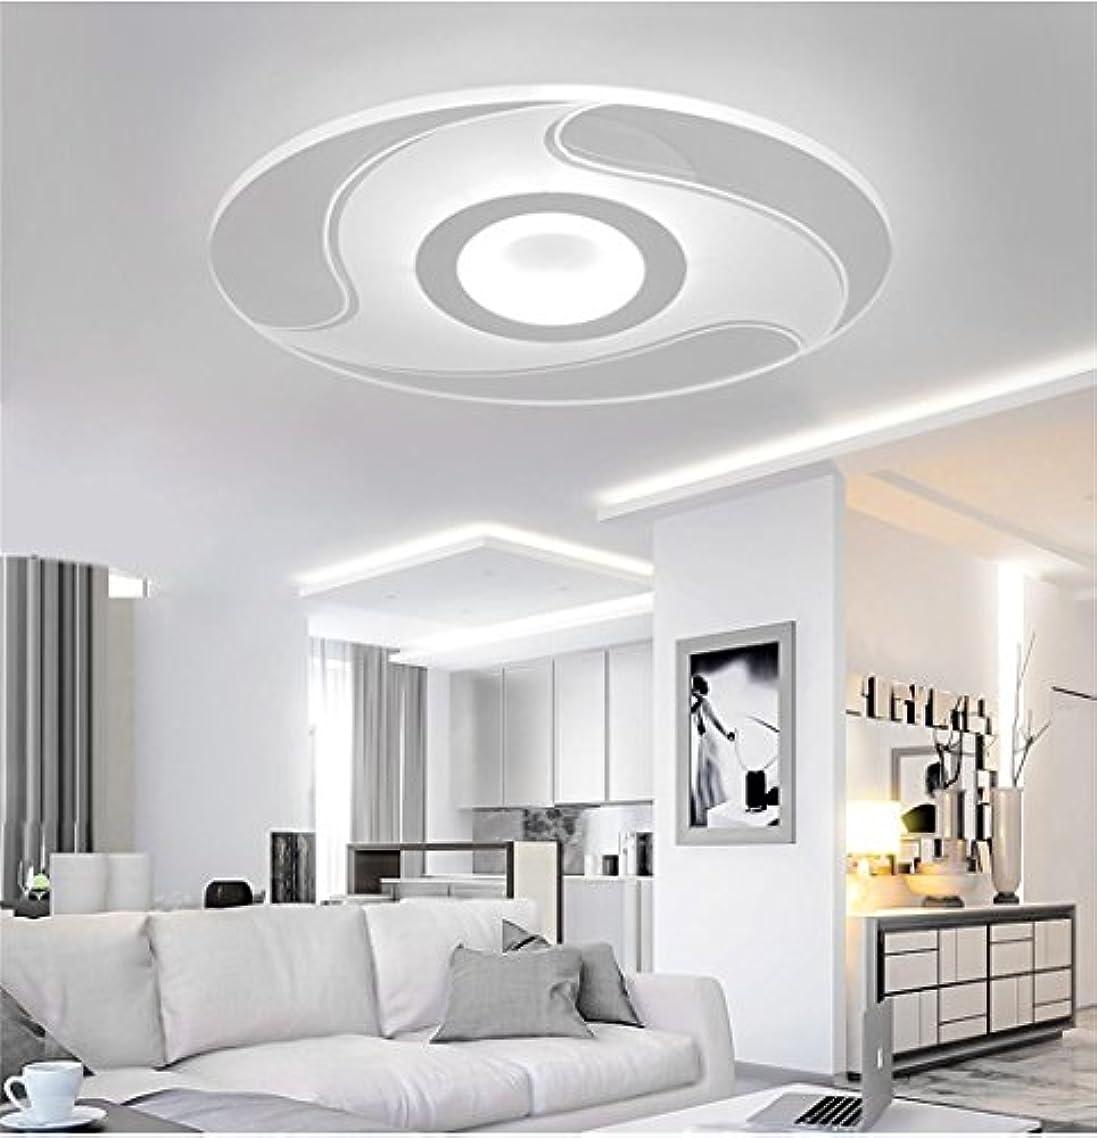 制裁音節バナナDCCRBR ファッションシンプルな暖かい結婚式のルームランプホームキッズランプレストランテラス天井のランプ40 Cmのウォームライトは、LEDラウンドリビングルーム天井ランプベッドルームランプロマンチックな雰囲気を作成するには 天井シャンデリア